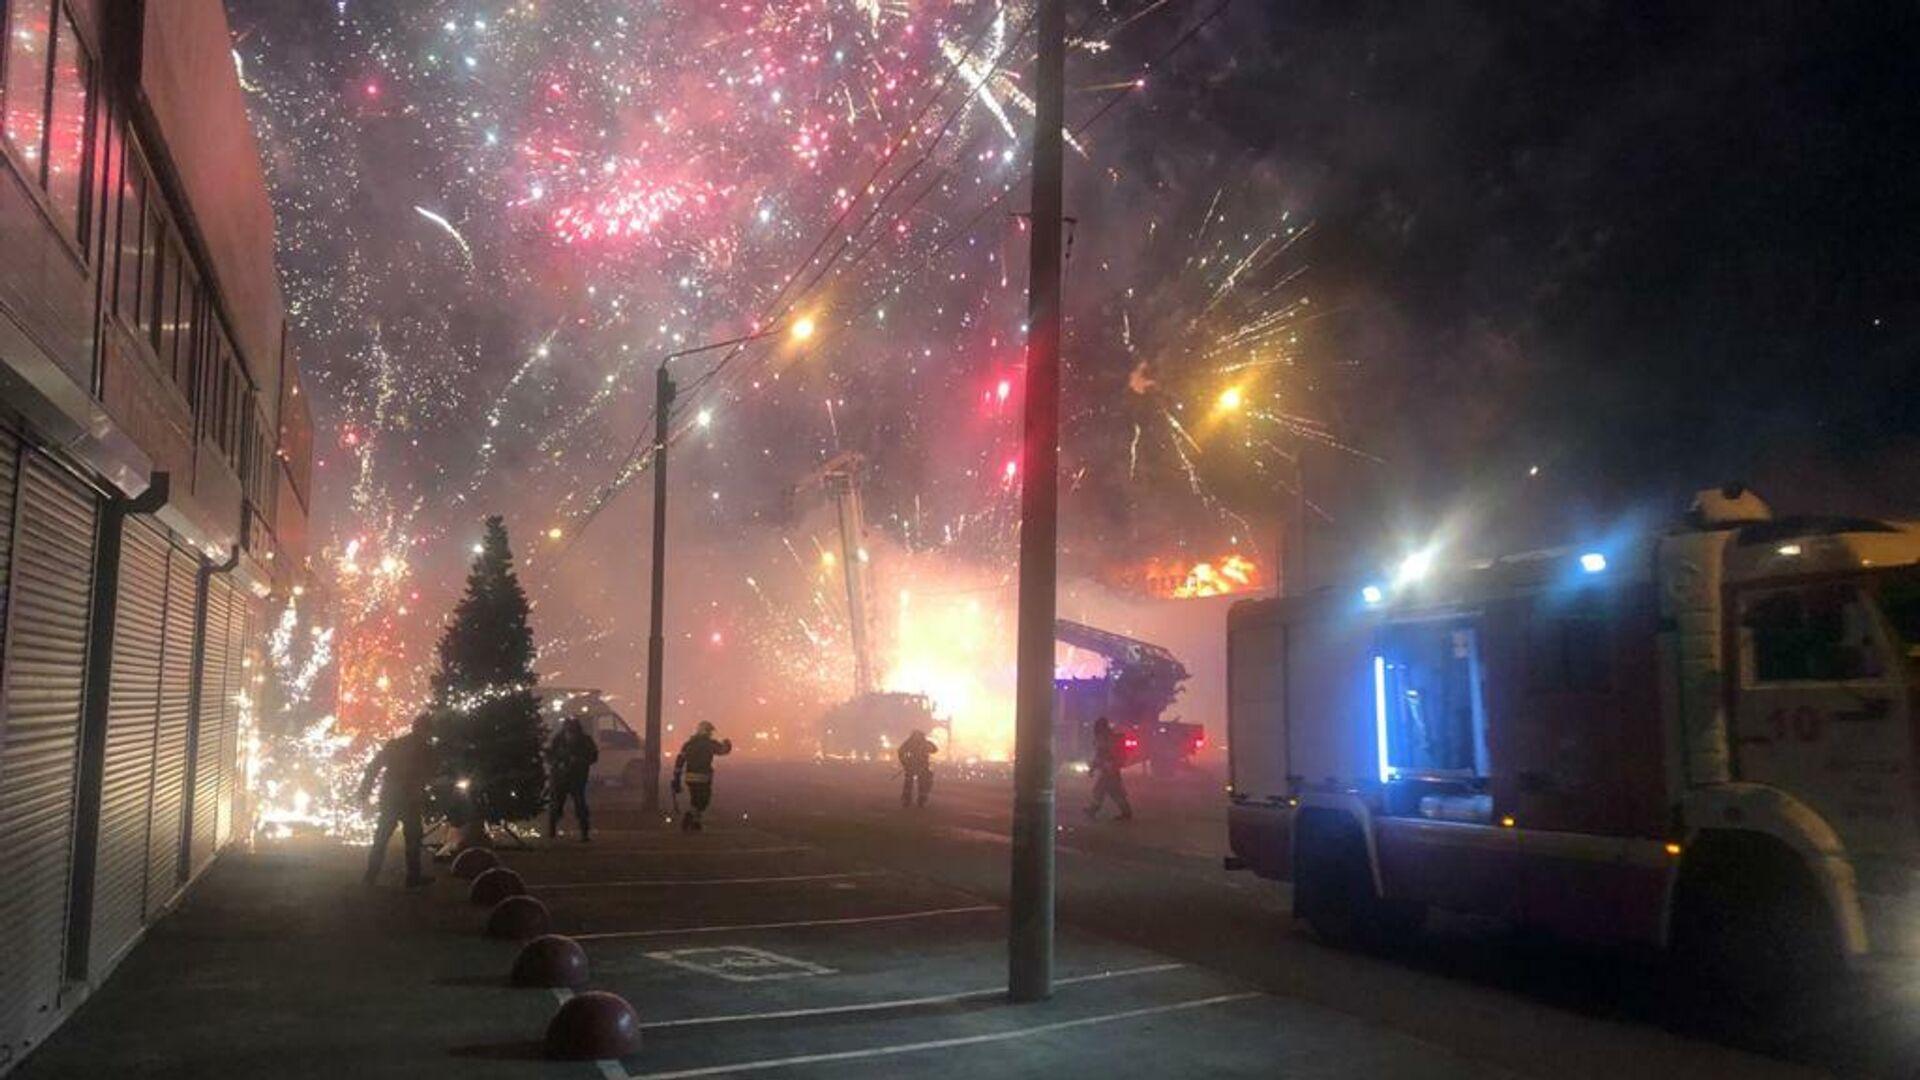 Названа возможная причина крупного пожара на рынке в Ростове-на-Дону